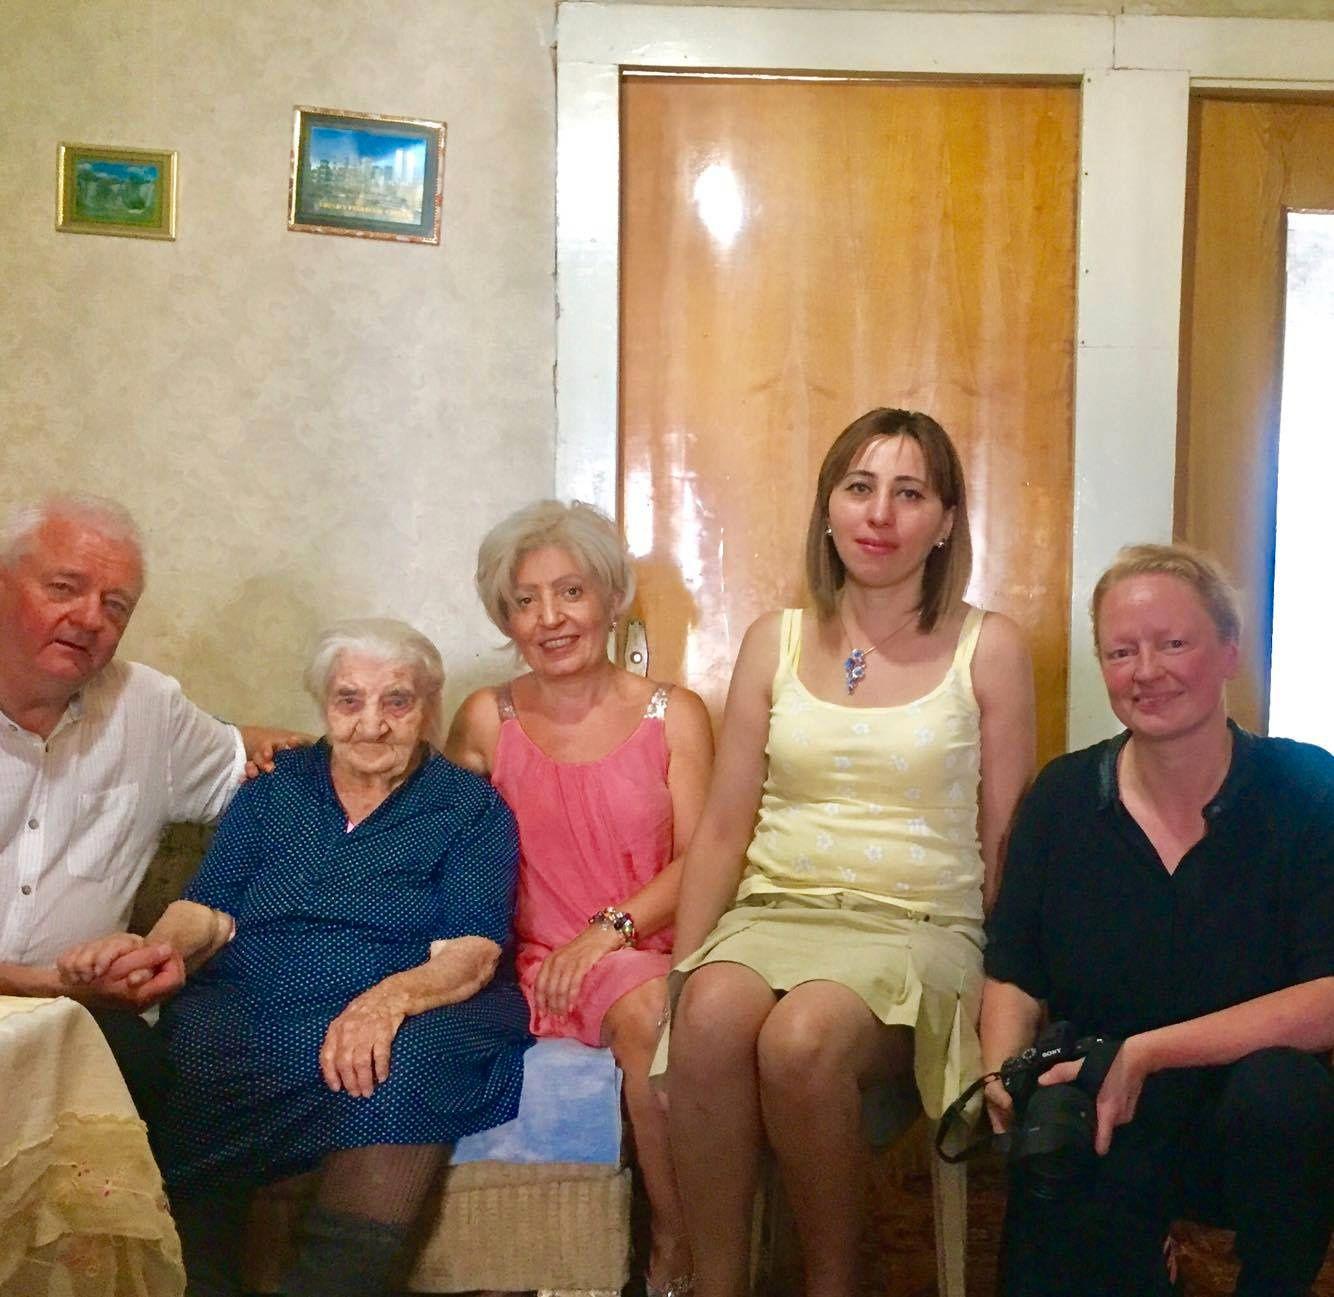 MØTTE NANSEN: Frode Berg ville intervjue 102 år gamle Yepraksia Kevorgyan, som er en av få gjenlevene som møtte filantropen Frithjof Nansen i flyktningleiren Gymri, til boken han jobbet med. Hayarpi Khachatryan og den norske journalisten Trine Hamran (t.h) ledsaget Berg.